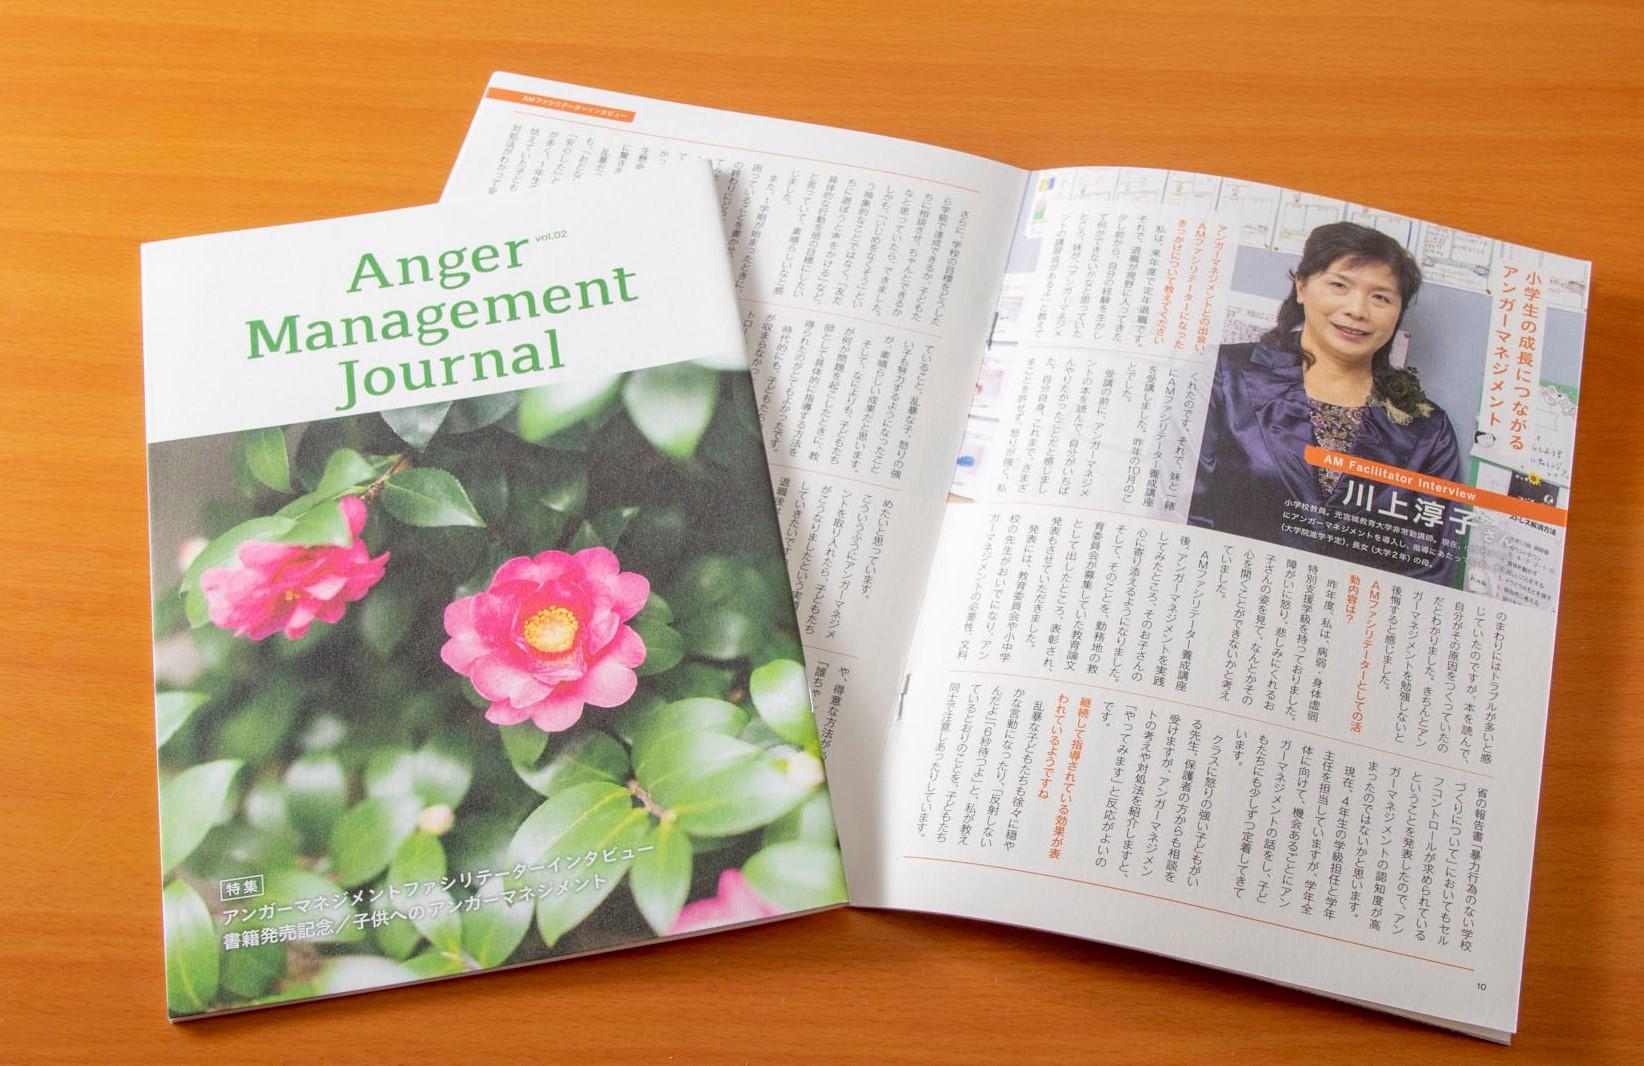 アンガーマネジメントジャーナル,第2号,インタビュー